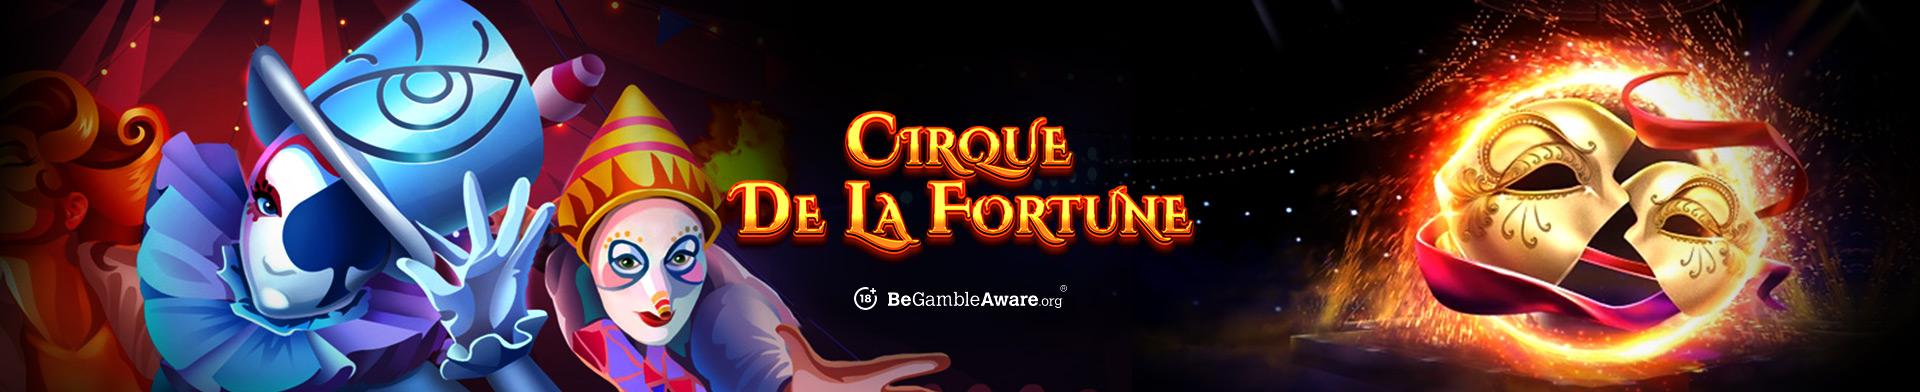 Cirque de la Fortune Banner